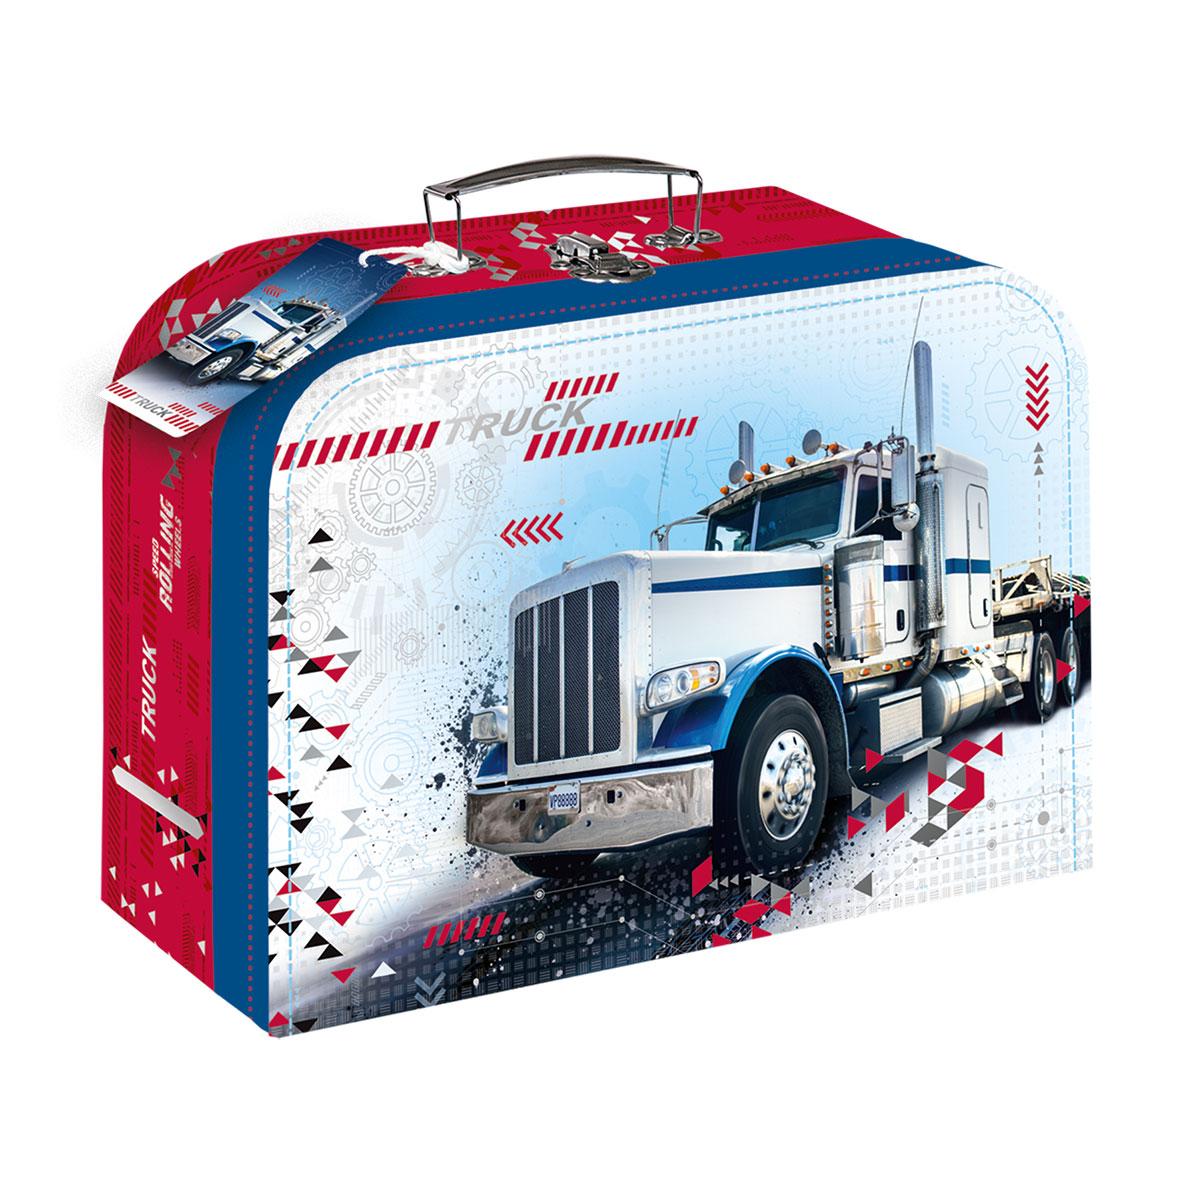 Spielekoffer - Truck